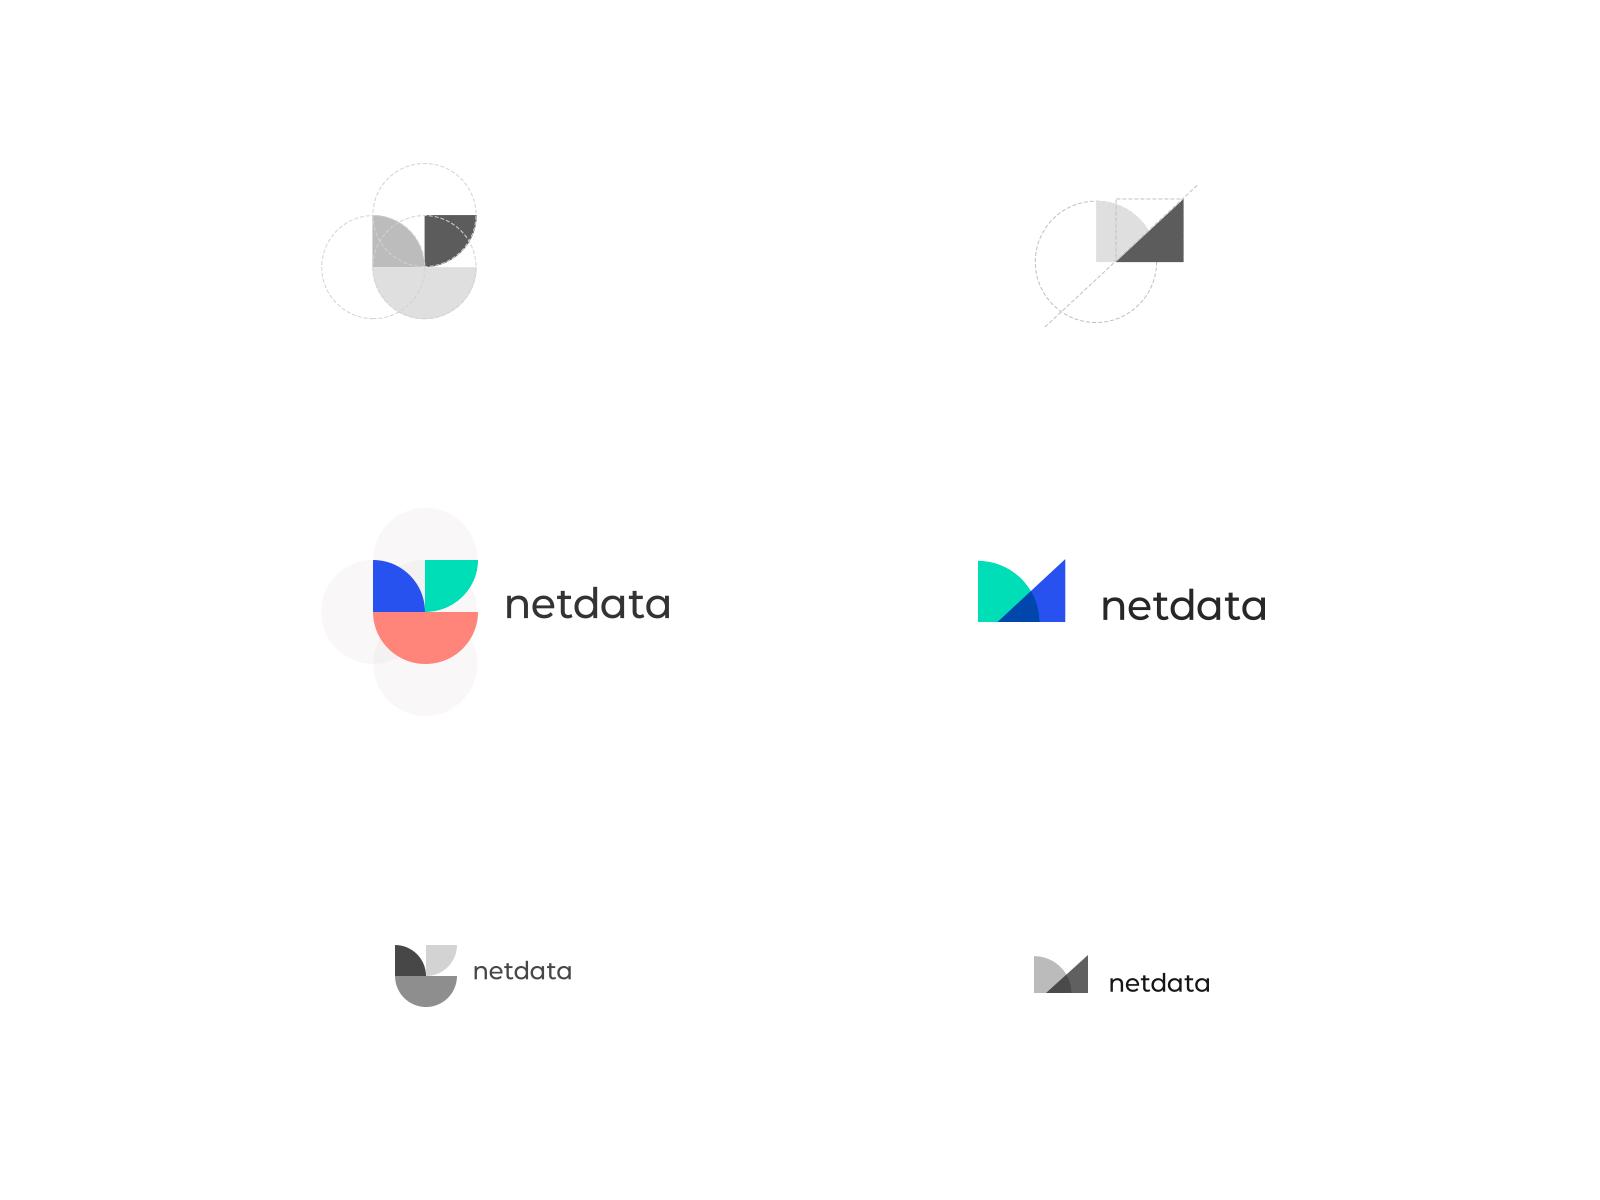 Netdata logo